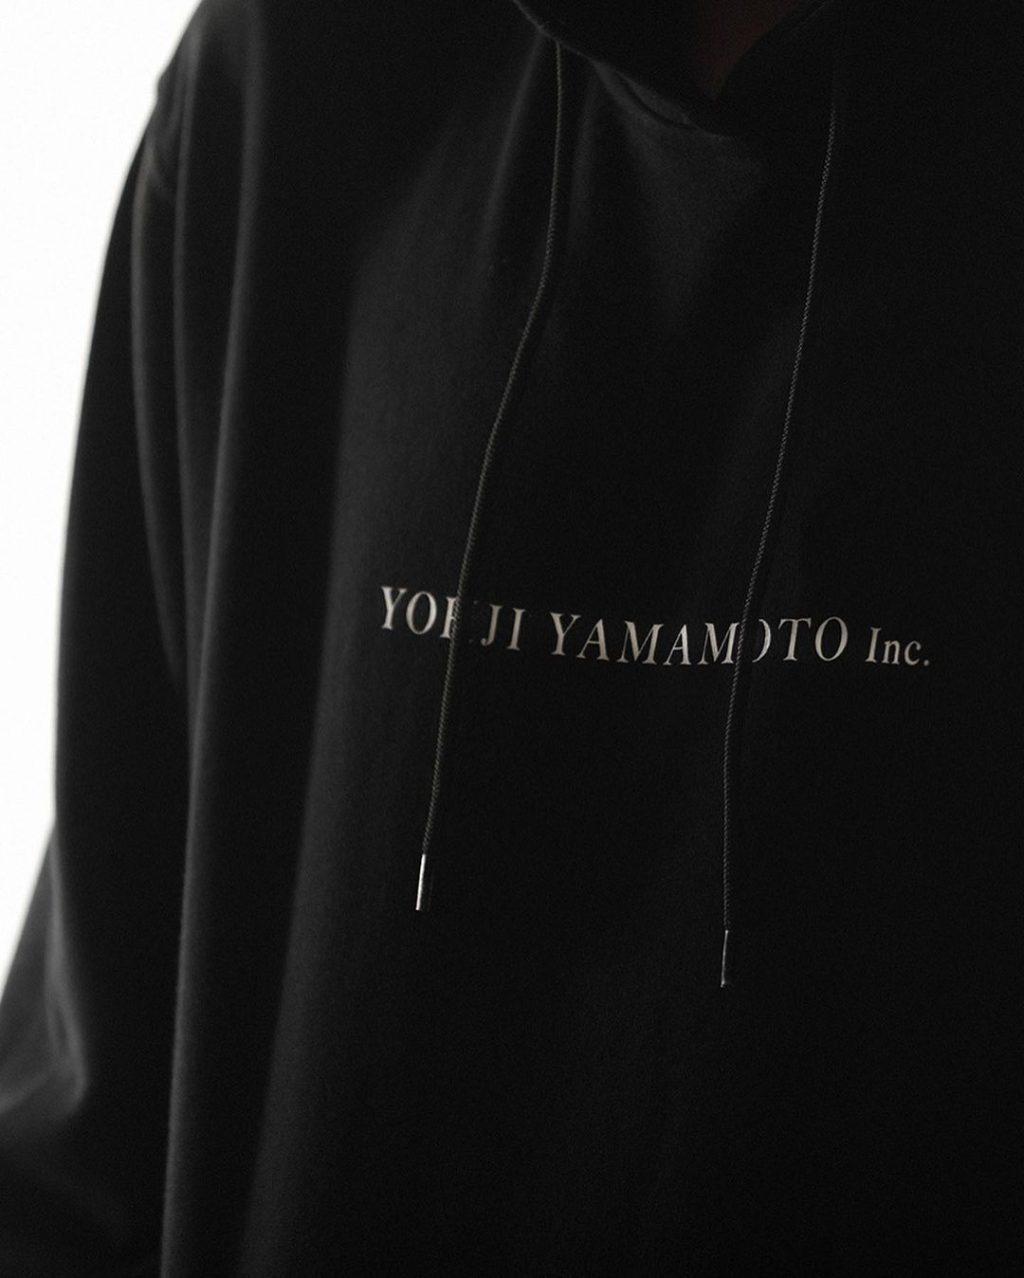 yohji-yamamoto-new-era-21ss-collaboration-release-20210203